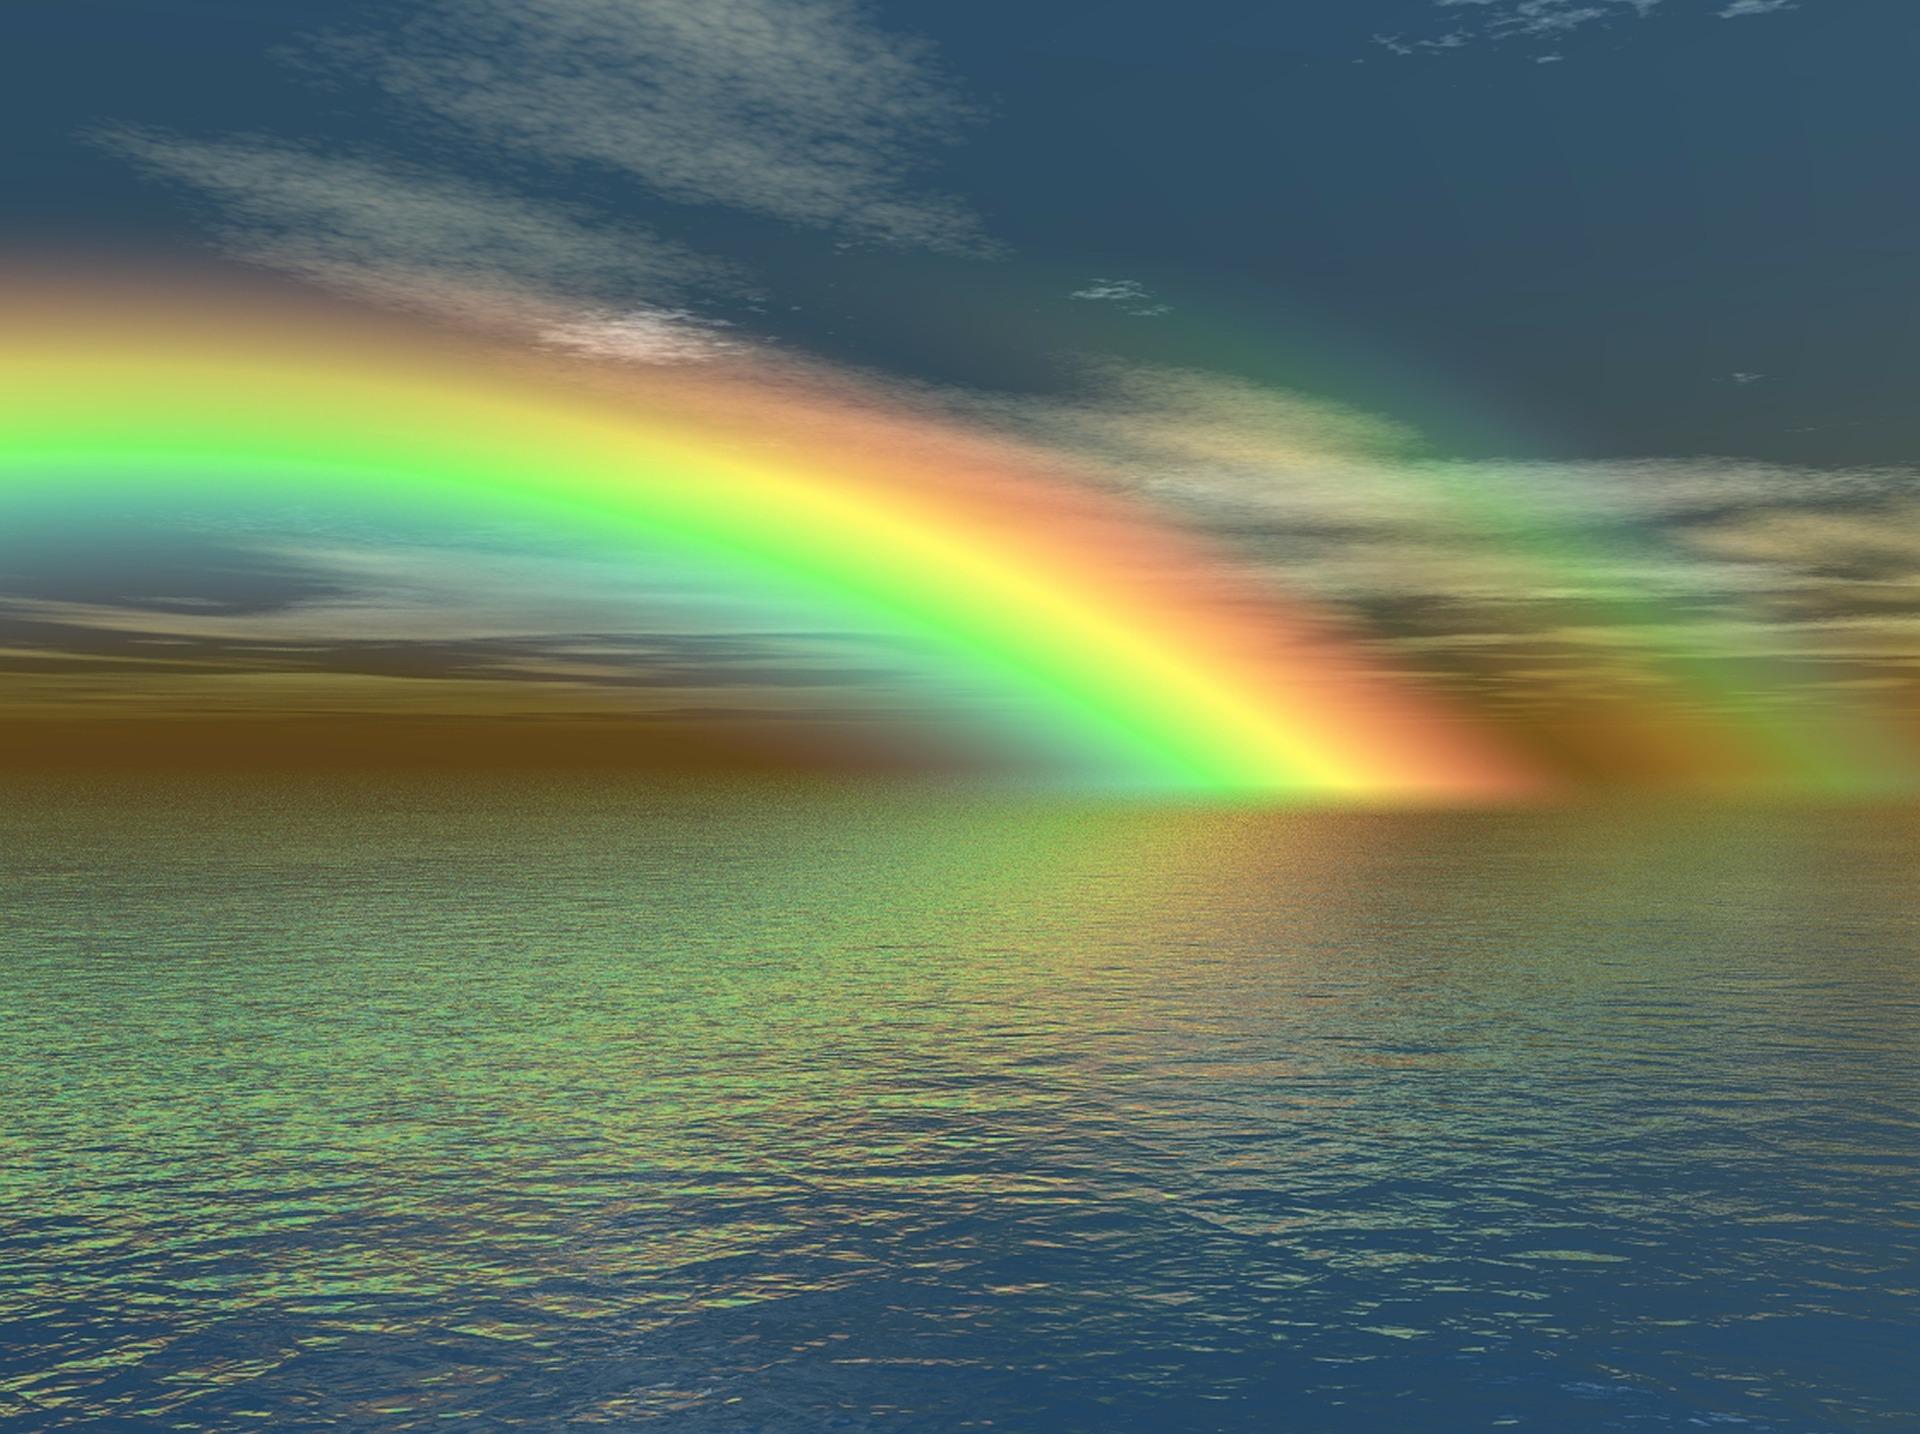 【虹のスピリチュアル】幸運を運ぶサイン!場所と形状で変わる解釈と願いが叶うおまじない